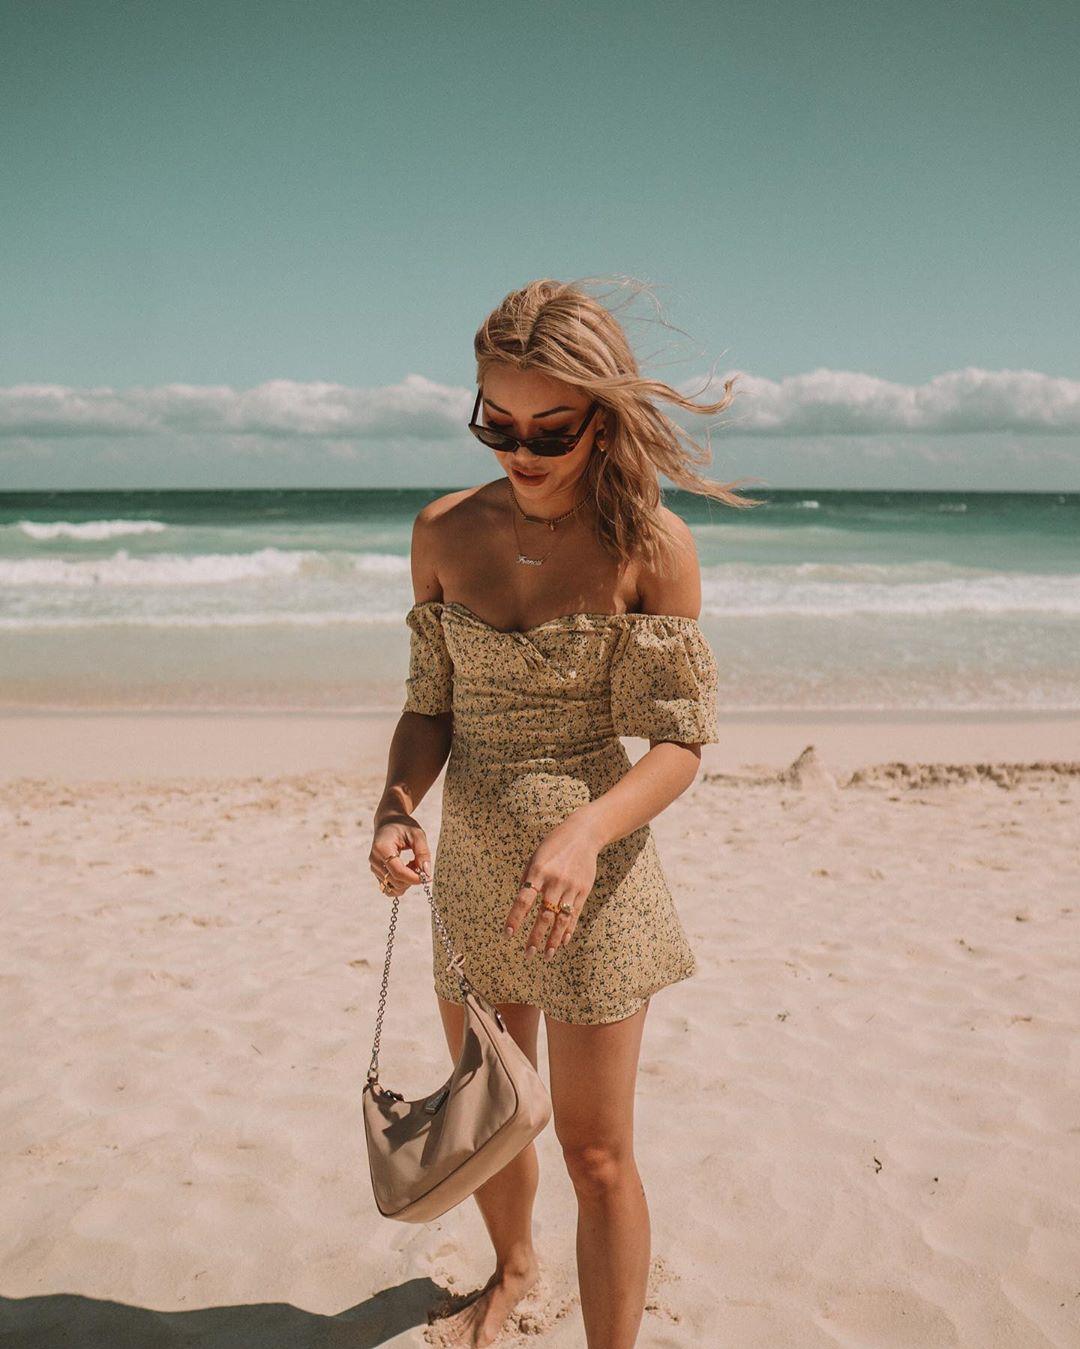 30 modelos de bikini Tumblr para hacer tu verano aun - 30 modelos de bikini Tumblr para hacer tu verano aún más caluroso